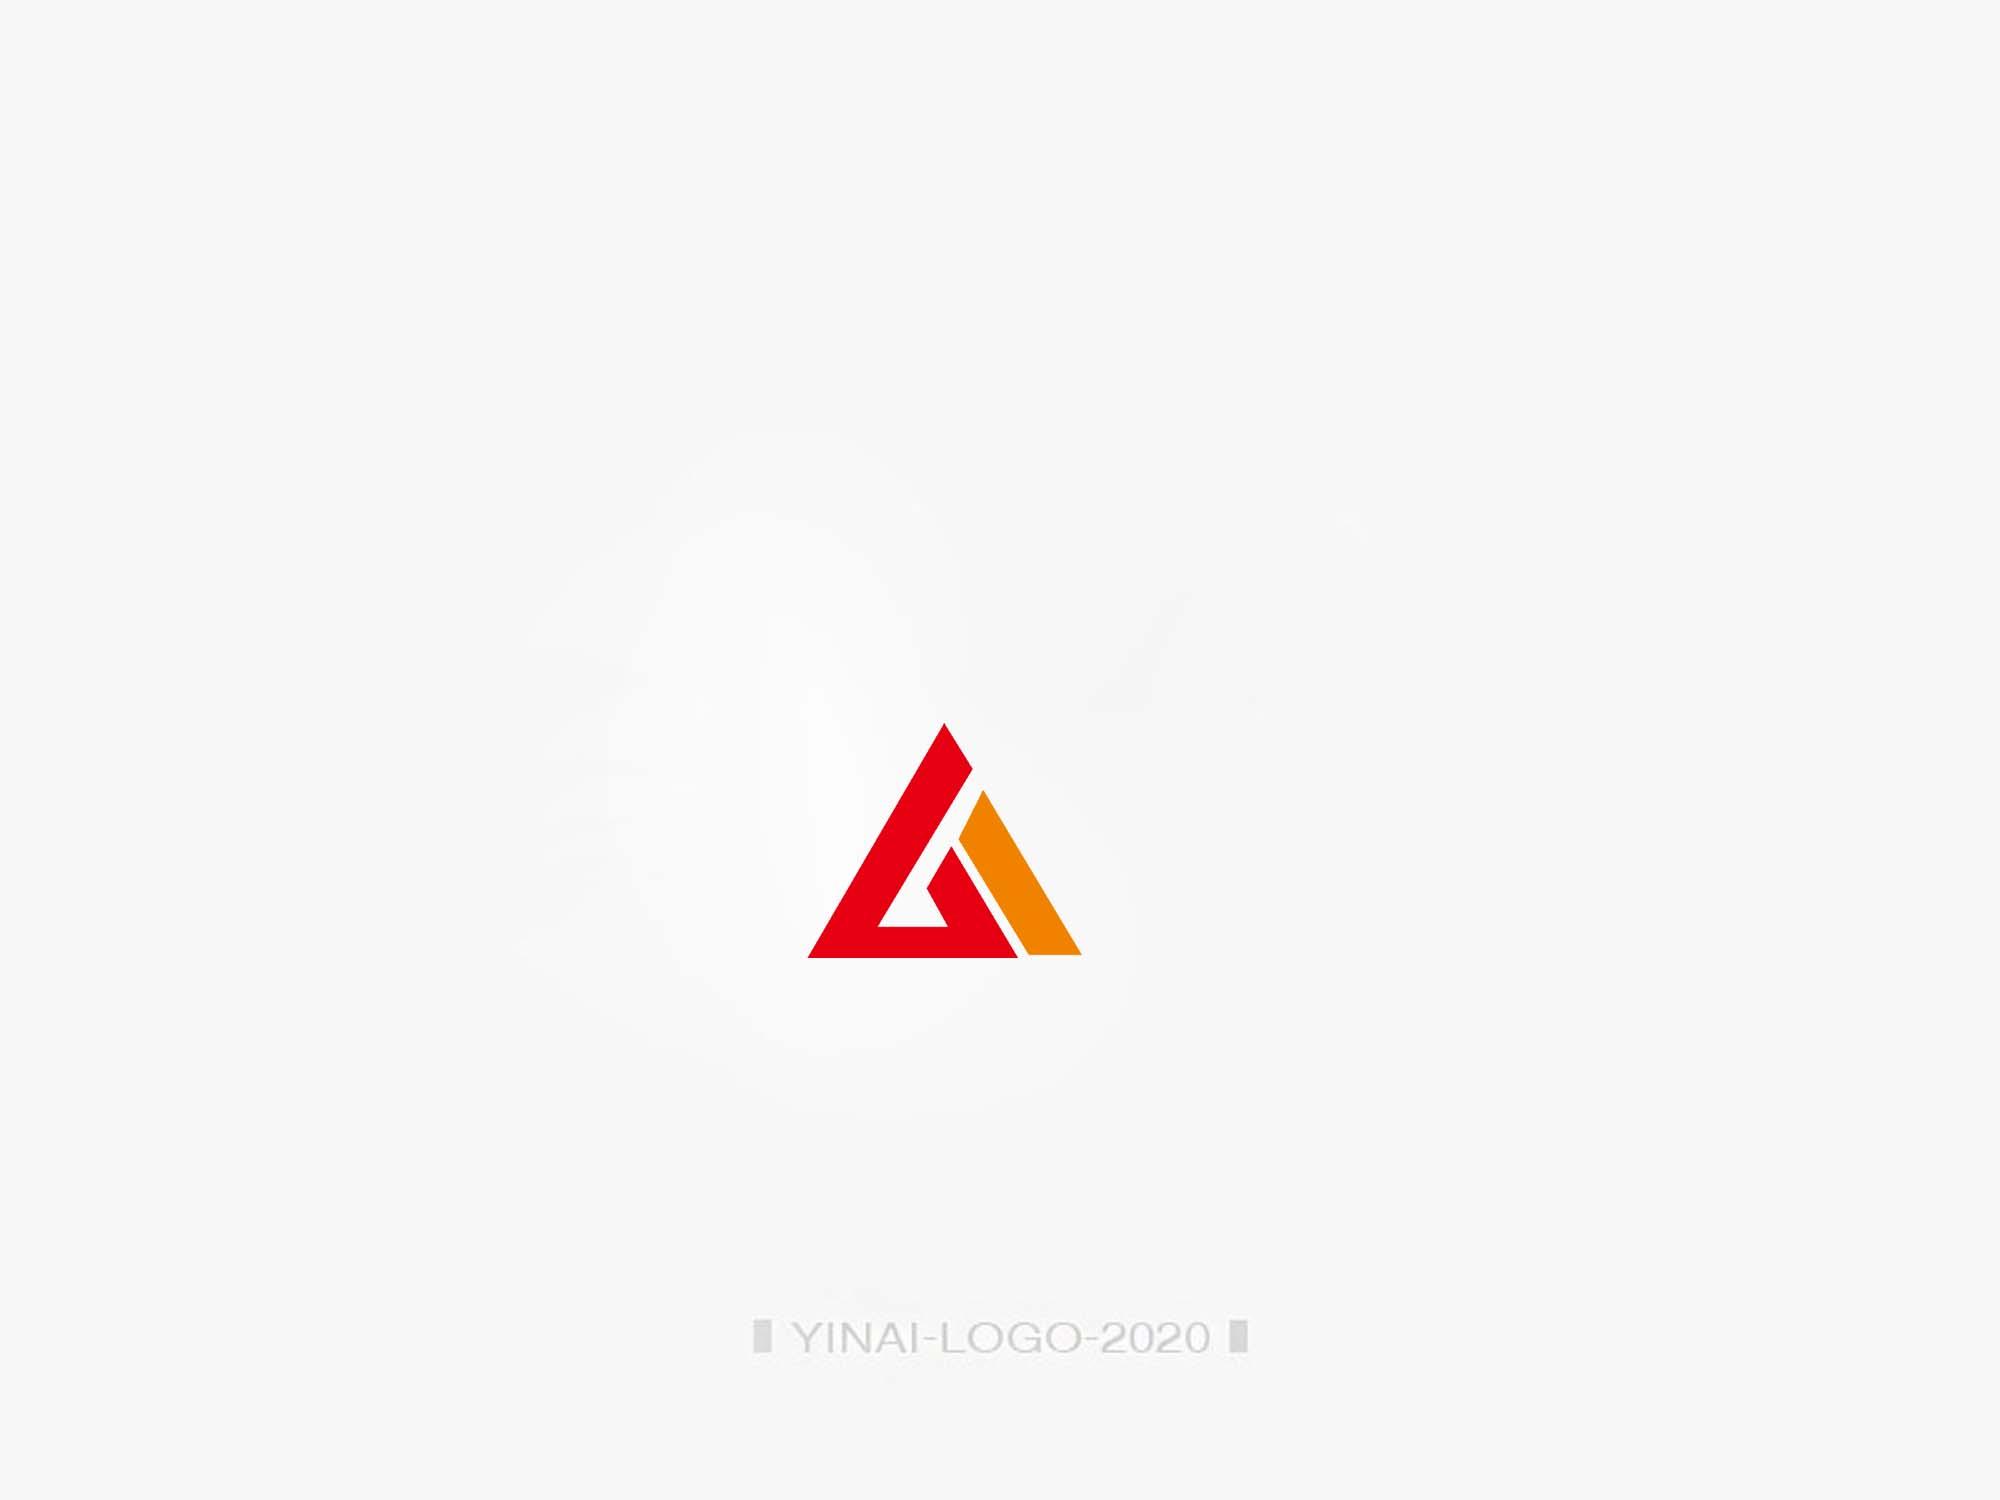 手套品牌logo设计_3036306_k68威客网